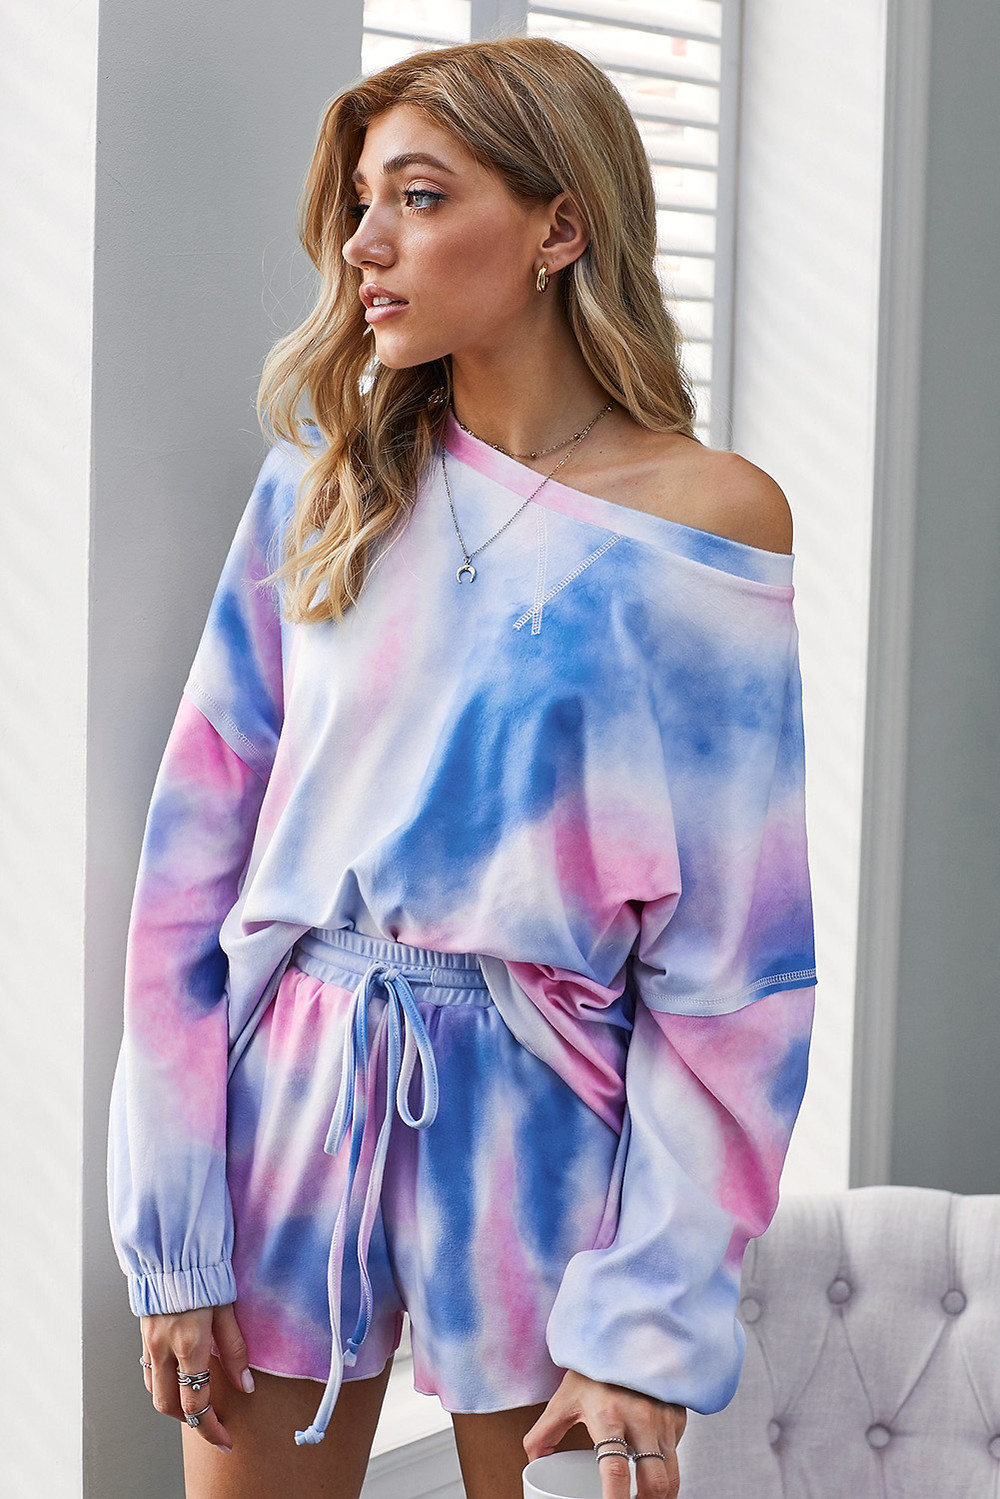 Sexy plus size lingerie loungewear in Australia